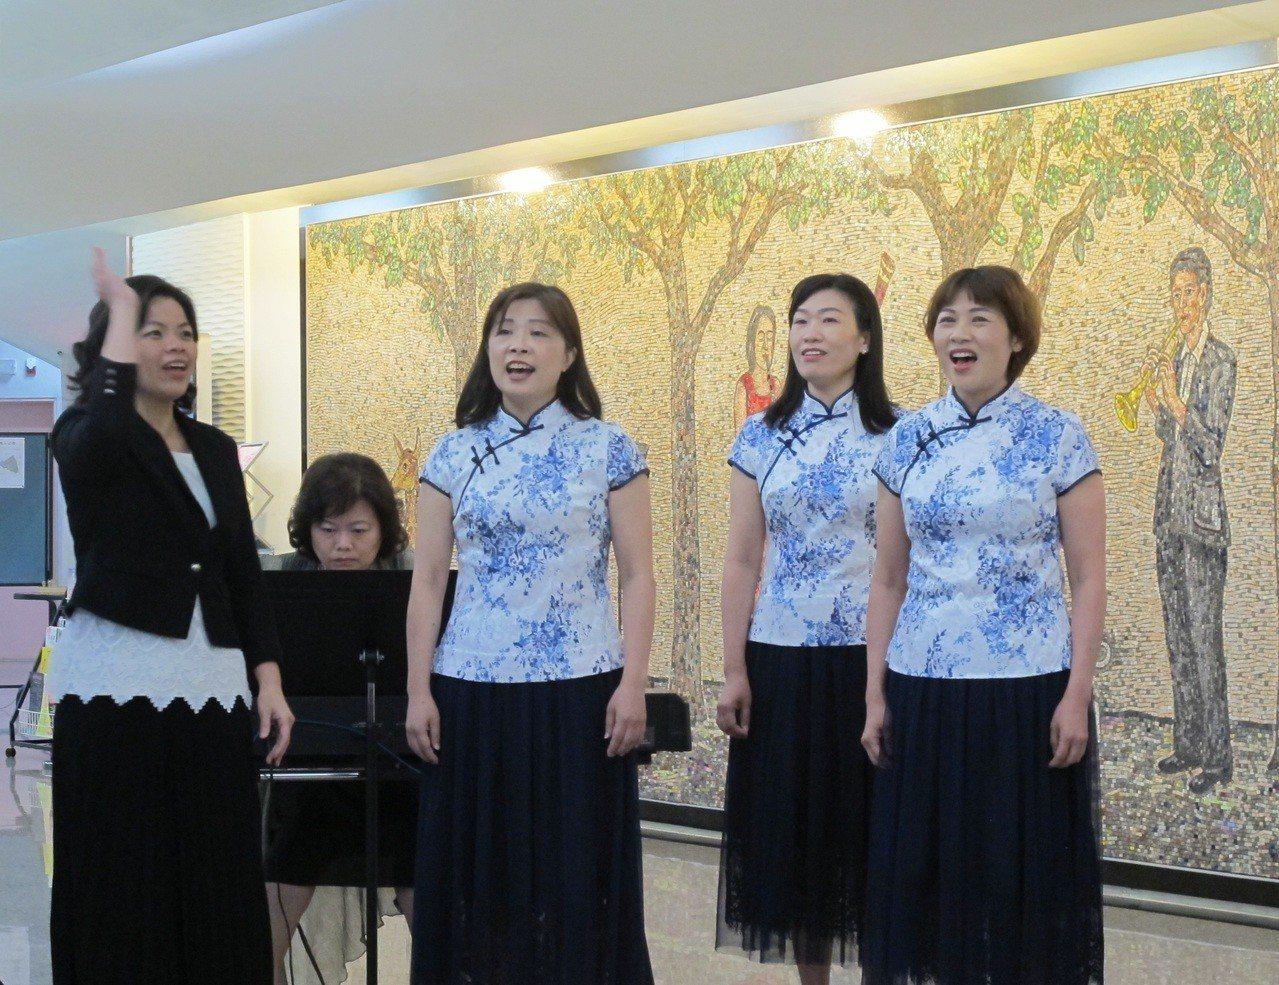 桃園合唱藝術節今年阿卡貝拉、合唱大賽競爭激烈。圖/桃園市文化局提供